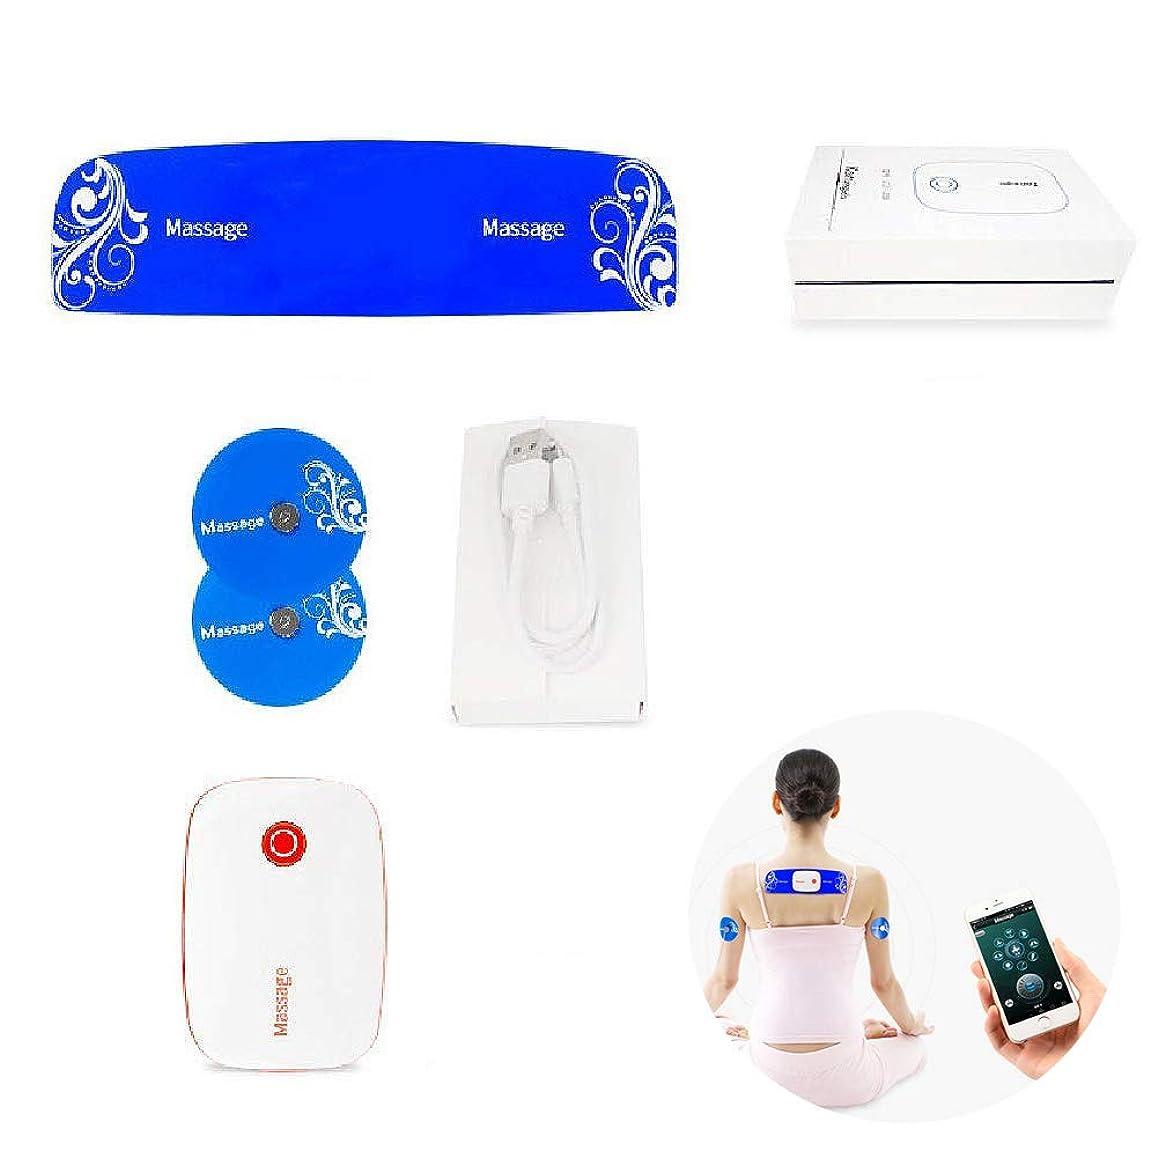 極貧ベギン怒っている首の肩のマッサージャー深い組織のための電動ポータブルAPP Bluetoothコントロール車のホームとオフィス、調整可能なスピード